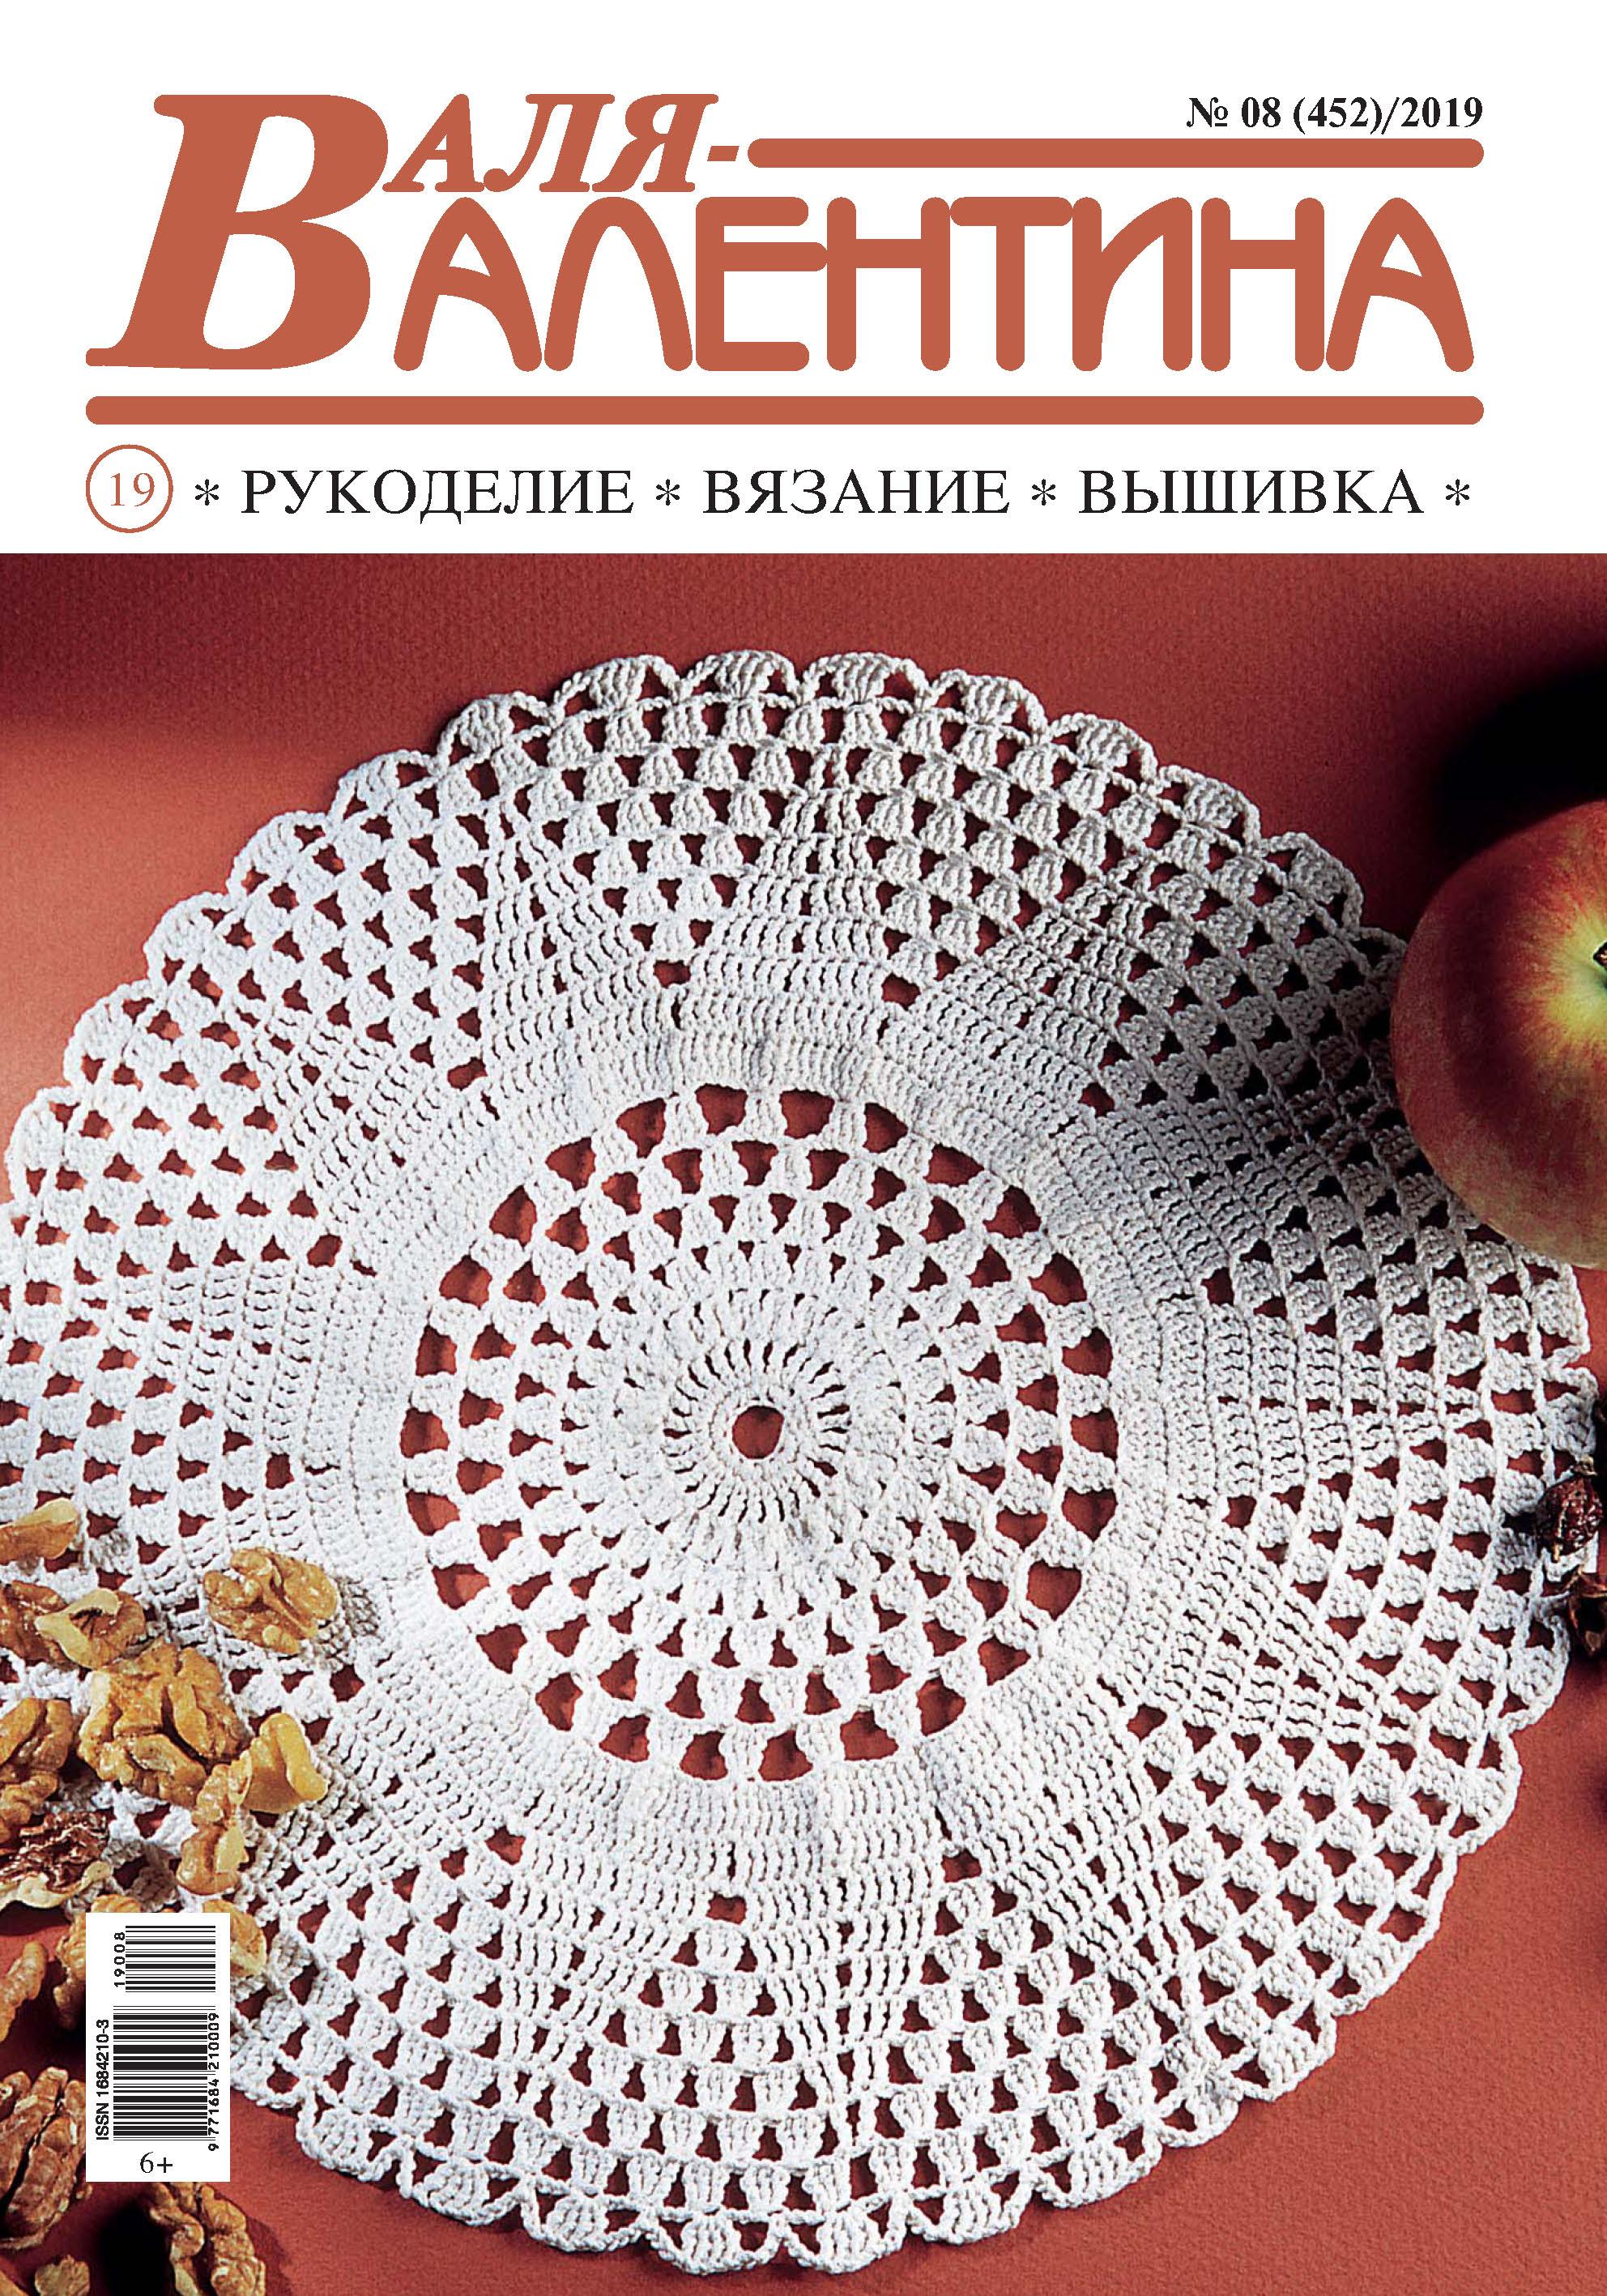 Валя-Валентина. Рукоделие, вязание, вышивка. №08/2019